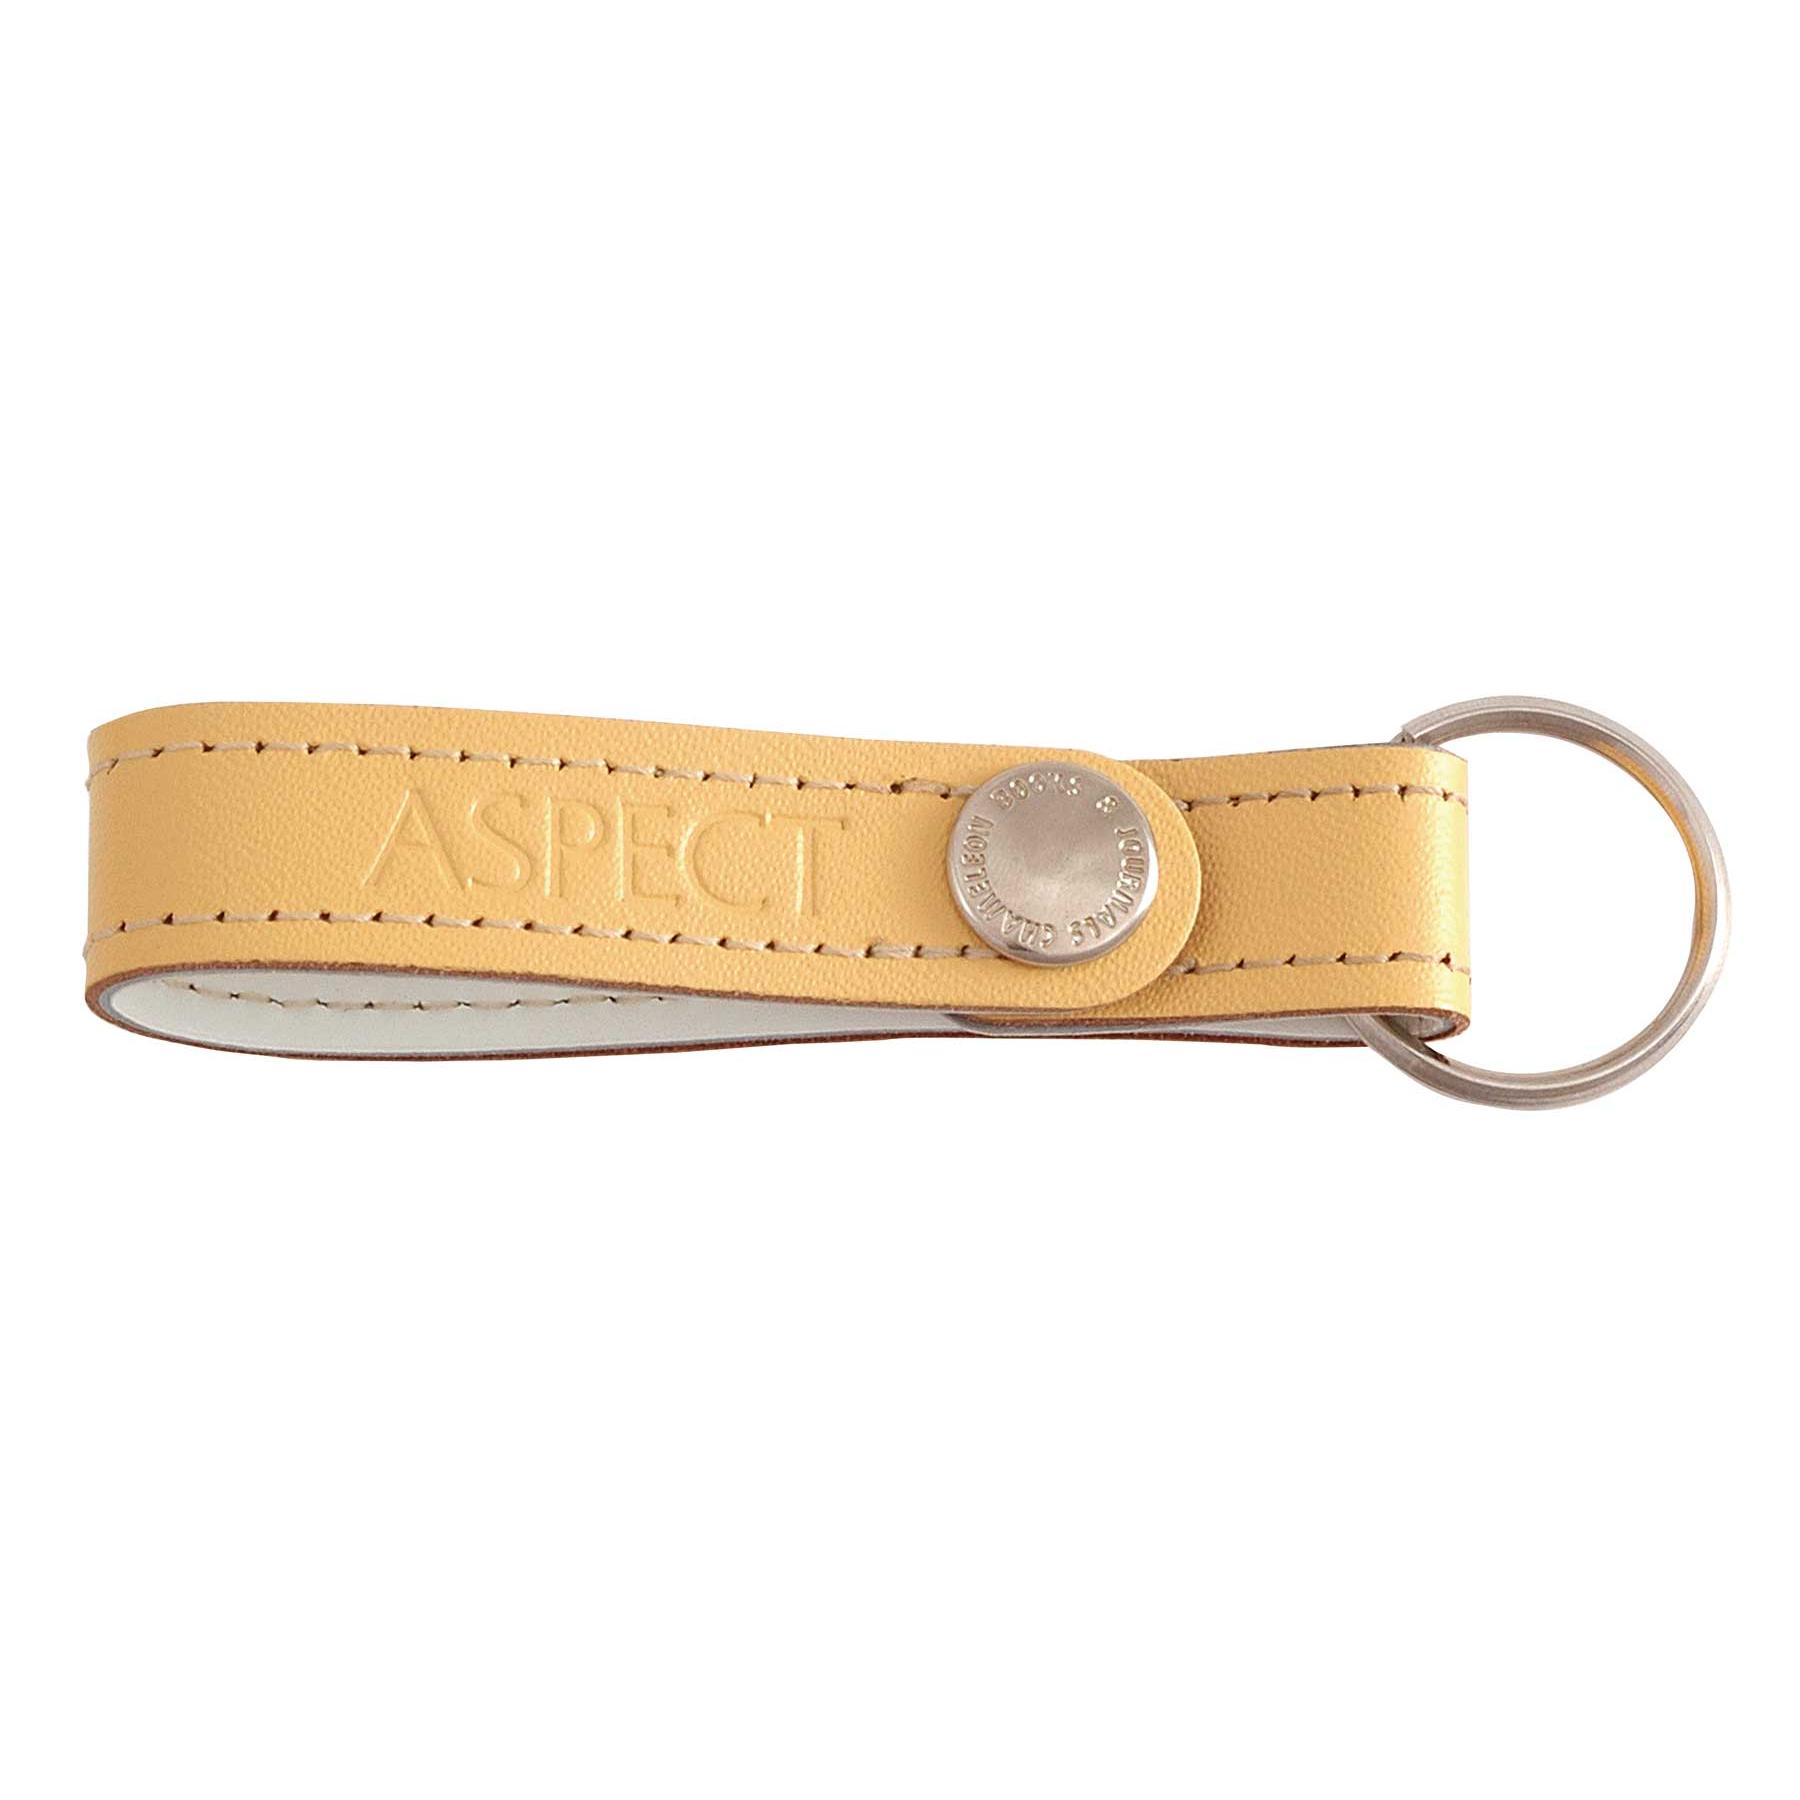 Leather Key Loop w/ Snap Closure